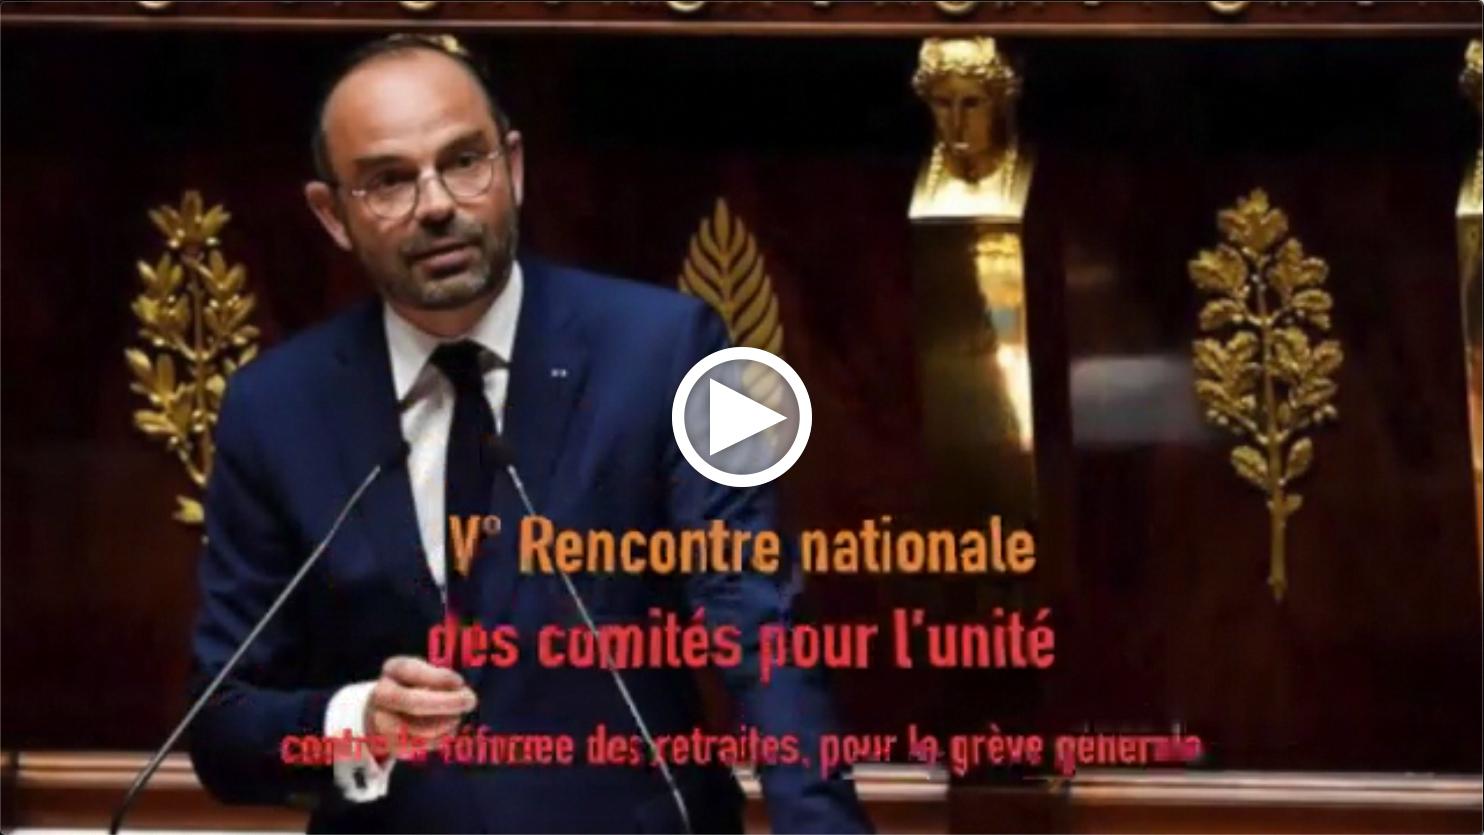 Les Infos-Hebdo du 5 mars 2020 – V° rencontre nationale des comités pour l'unité